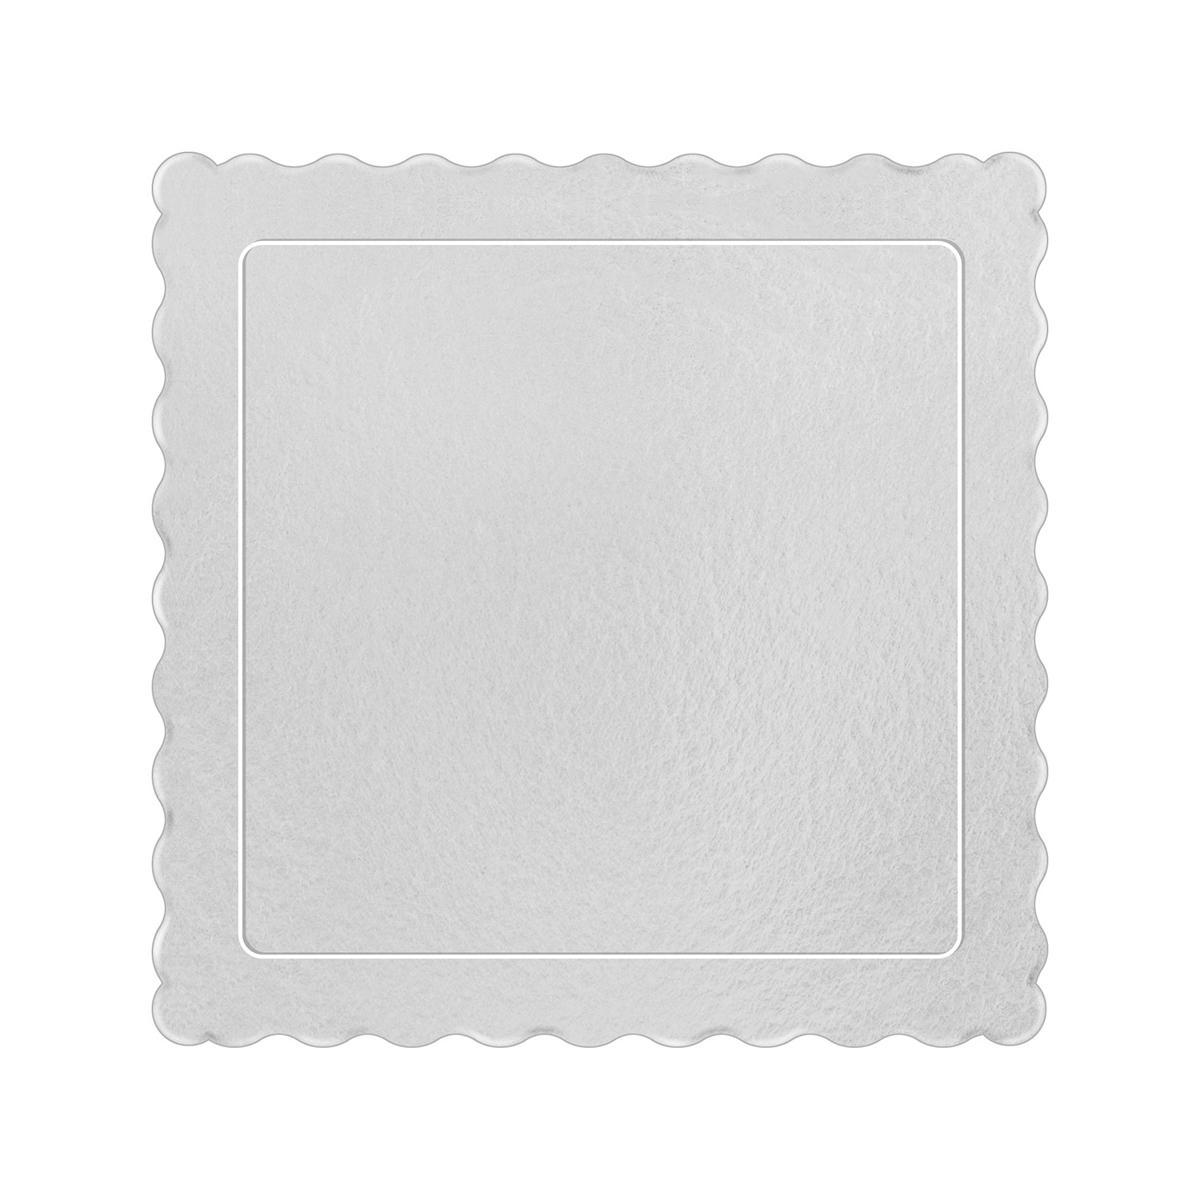 50 Bases Laminadas Para Bolo Quadrado, Cake Board 25x25cm - Branco